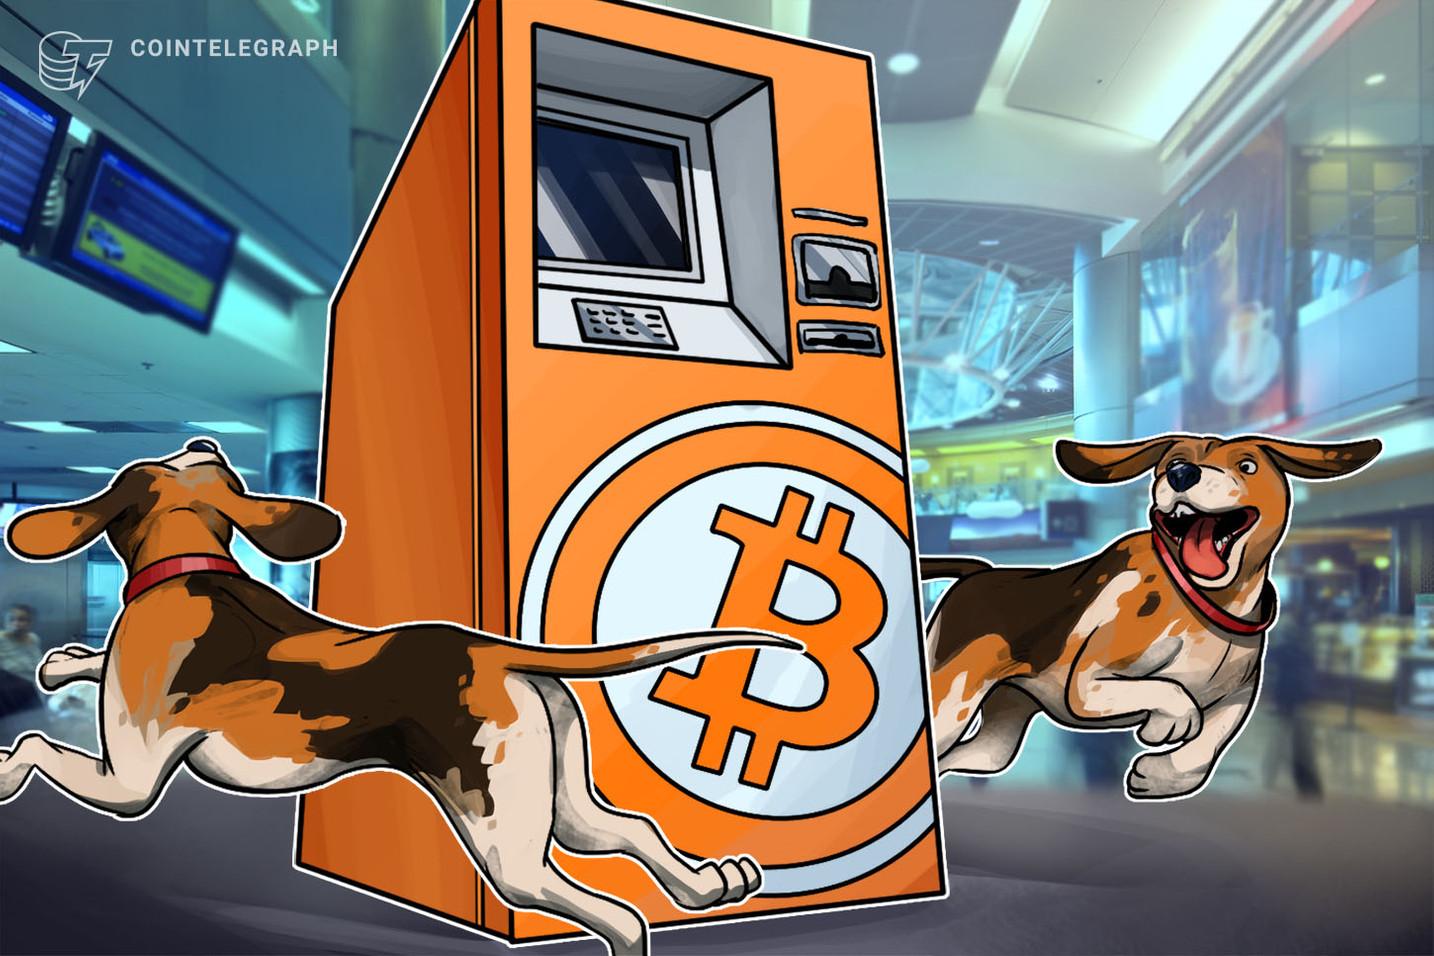 Welcome to Miami – Drittgrößter Flughafen der USA stellt Bitcoin-Geldautomaten auf